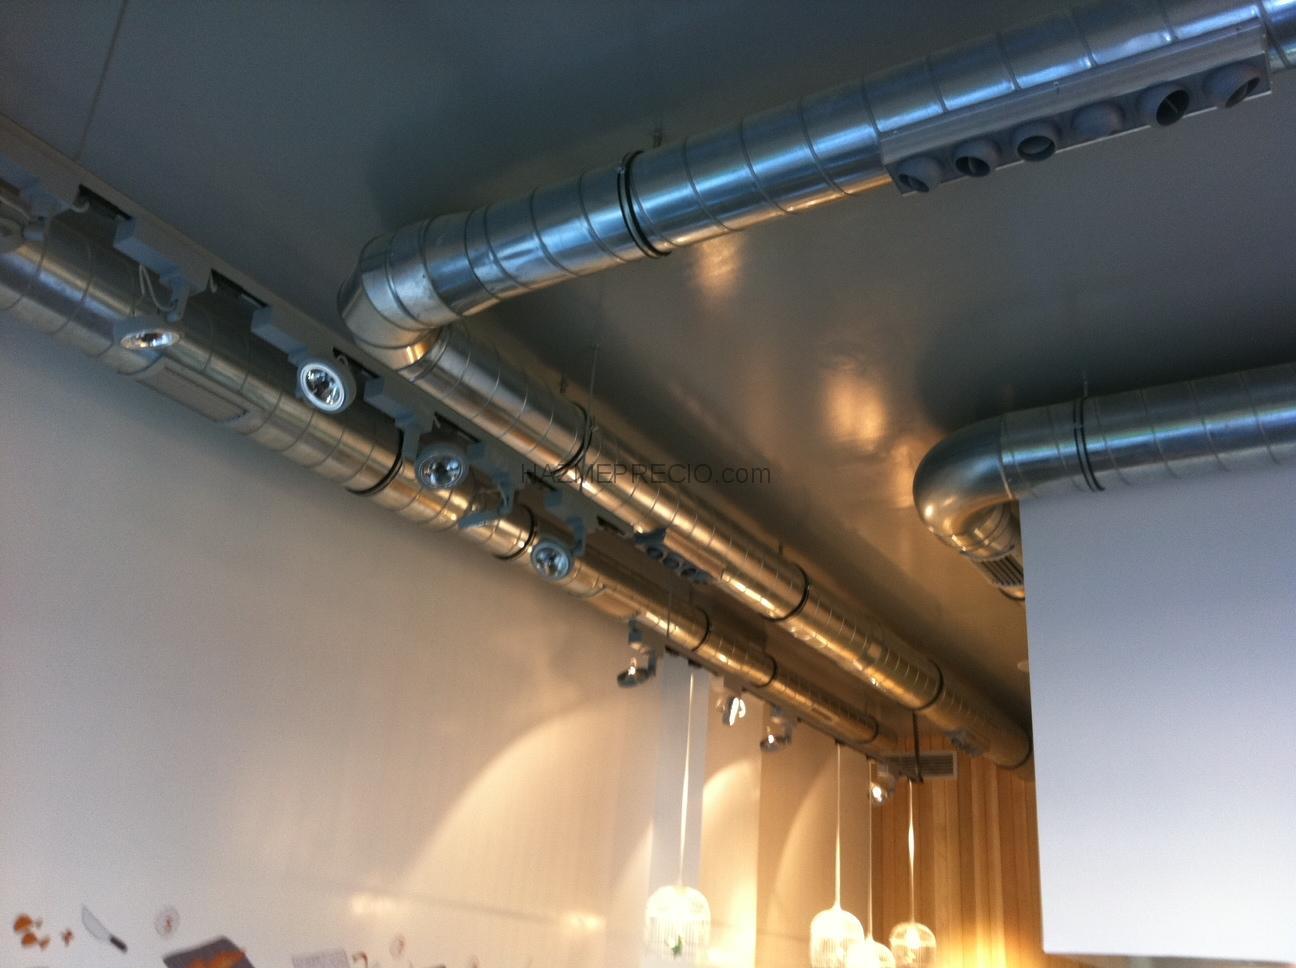 Montajes Electricos C Q 28500 Arganda Del Rey Madrid